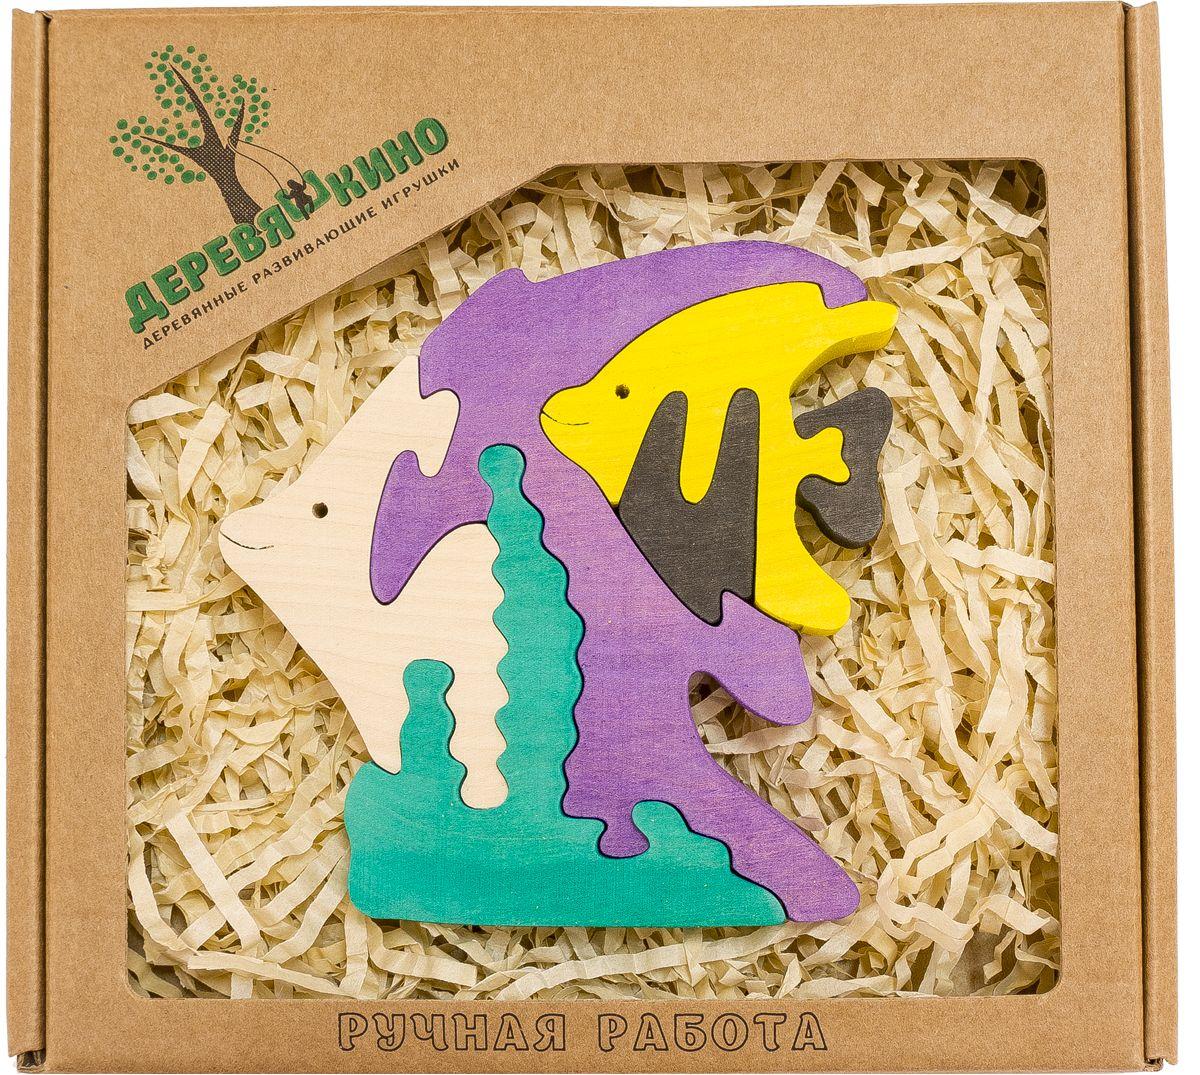 Деревяшкино Пазл для малышей Рыбки559Развивающая деревянная головоломка Рыбки (средней степени сложности) подходит для мальчиков и девочек в возрасте 3-5лет, состоит из 6 деталей. Экологически чистый продукт: изготовлено вручную из массива березы. Игрушка раскрашена пищевой водостойкой краской, что делает взаимодействие с изделием абсолютно безопасным: никаких лаков, «химии» или добавок. Процесс сборки деревянной головоломки развивает: тактильную сенсорику, внимательность, усидчивость, пространственное мышление, мелкую моторику, а так же учит различать элементы по цвету, форме и размеру. С продукцией компании Деревяшкино, Ваши детки развиваются, играя без риска для здоровья.